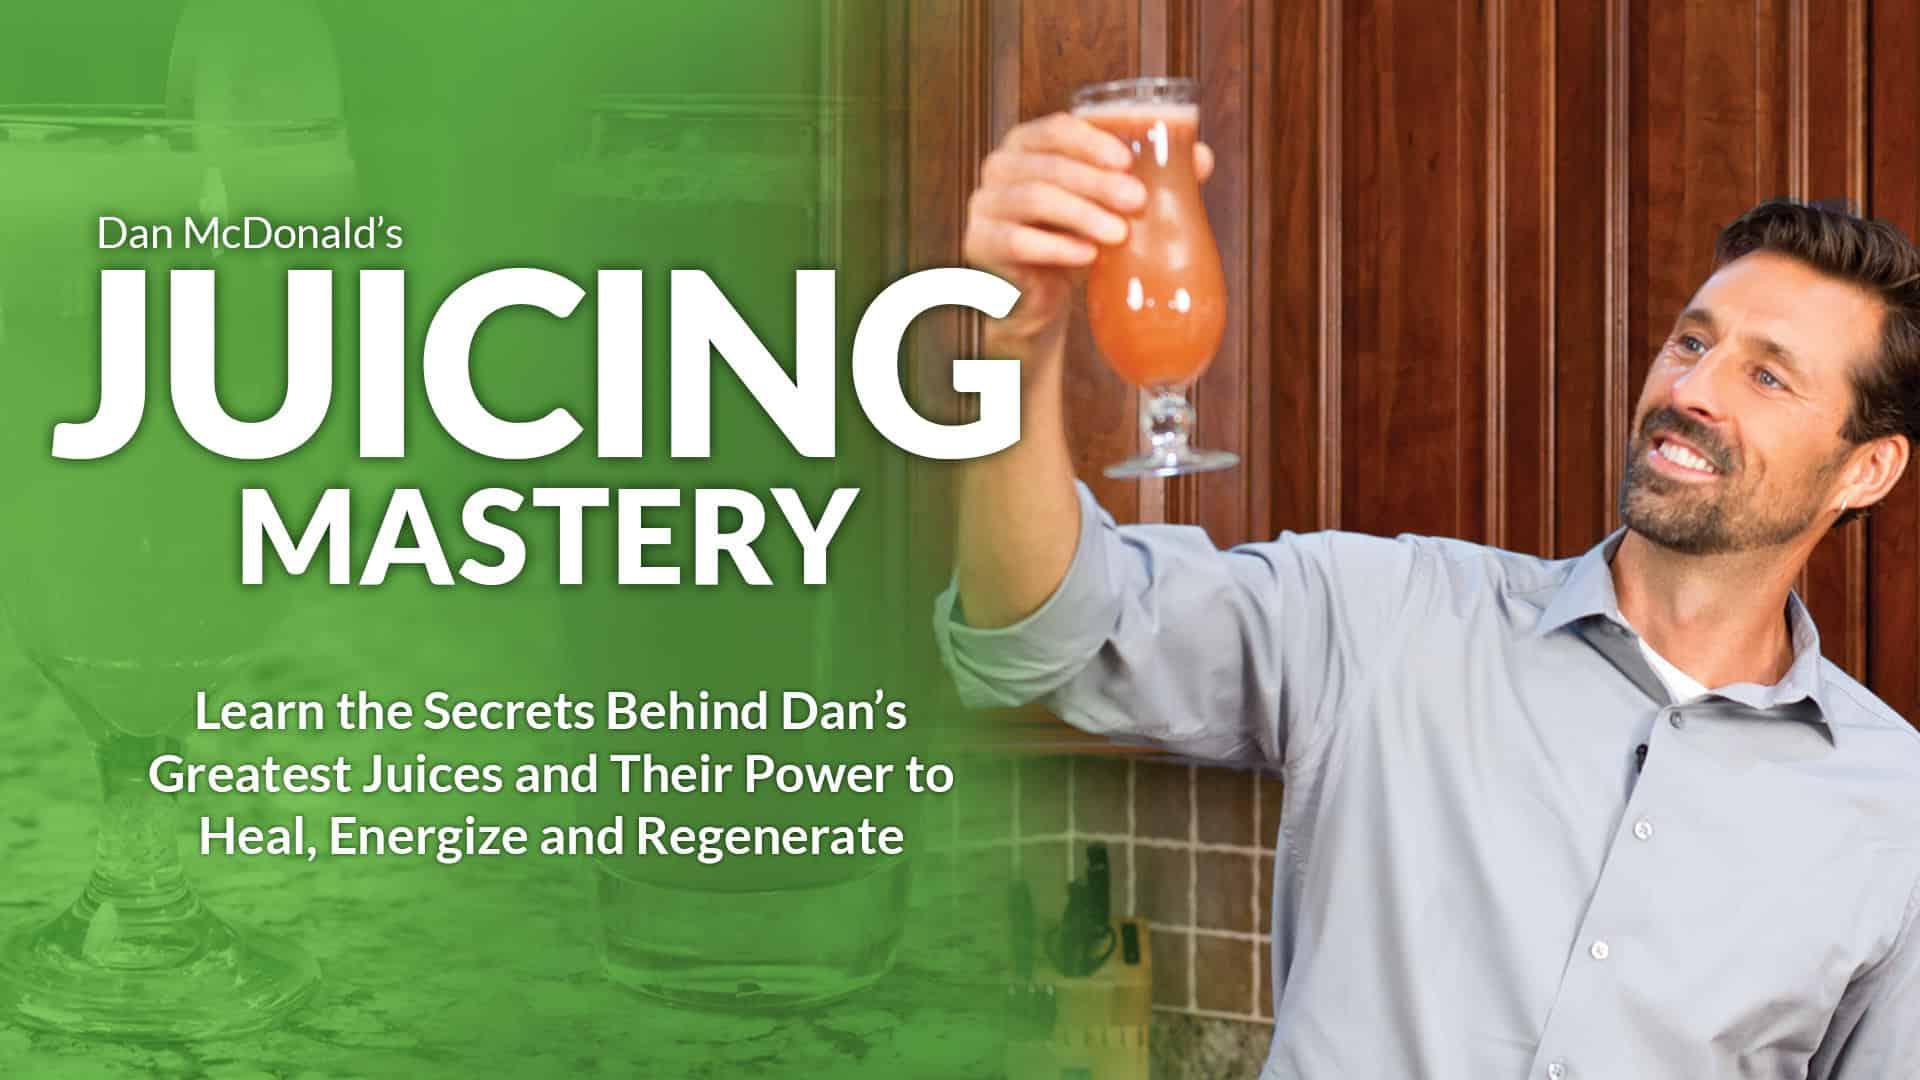 vimeo-juicing-mastery